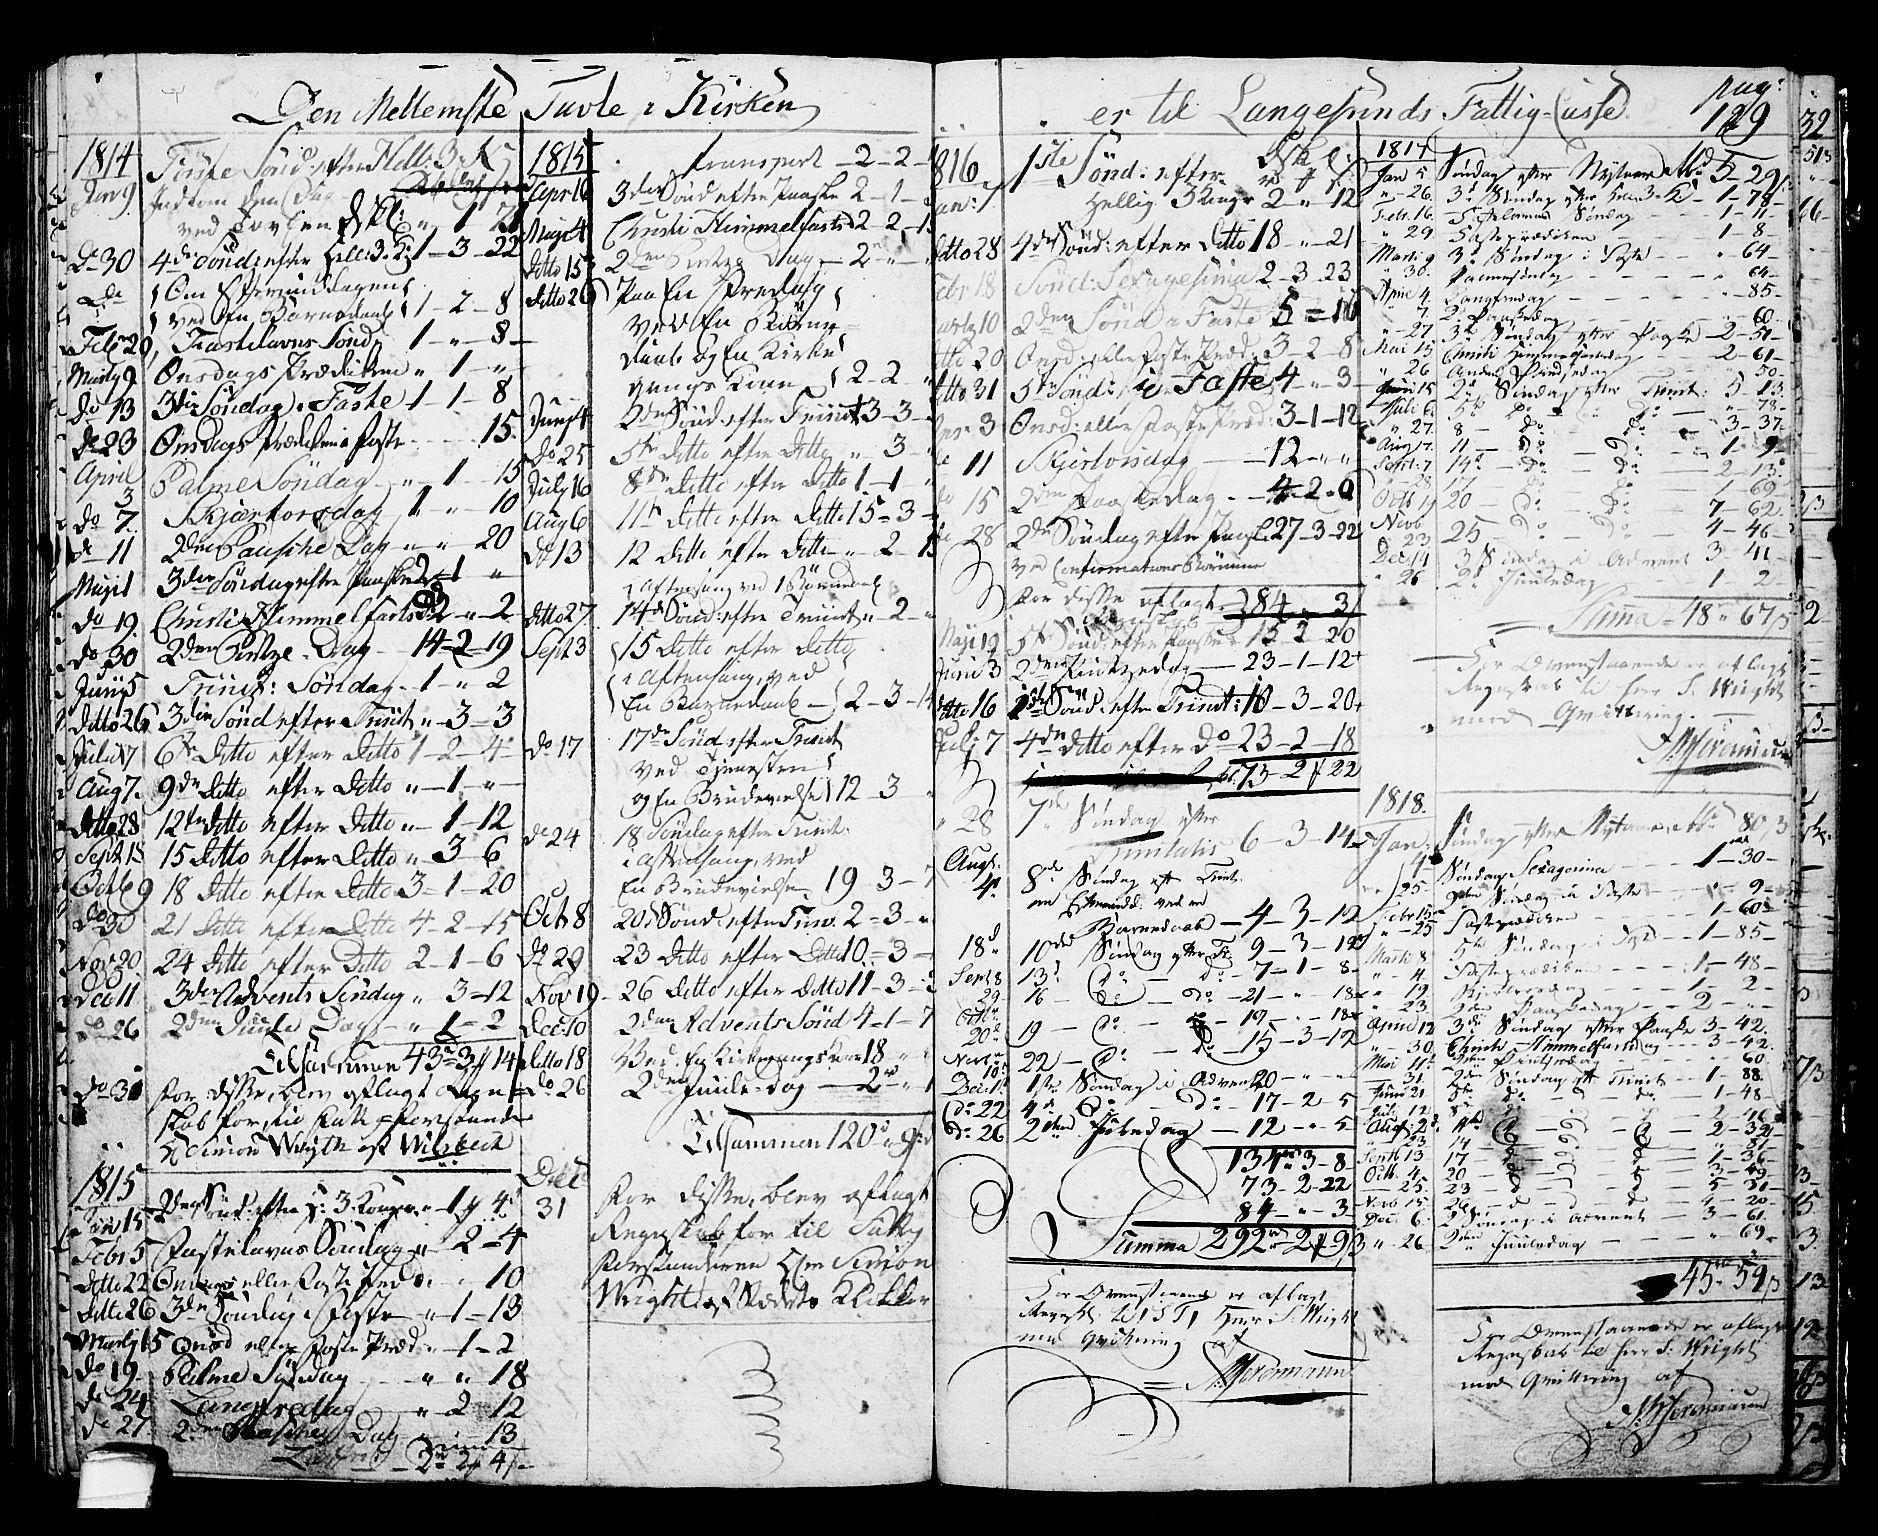 SAKO, Langesund kirkebøker, G/Ga/L0002: Klokkerbok nr. 2, 1801-1815, s. 129